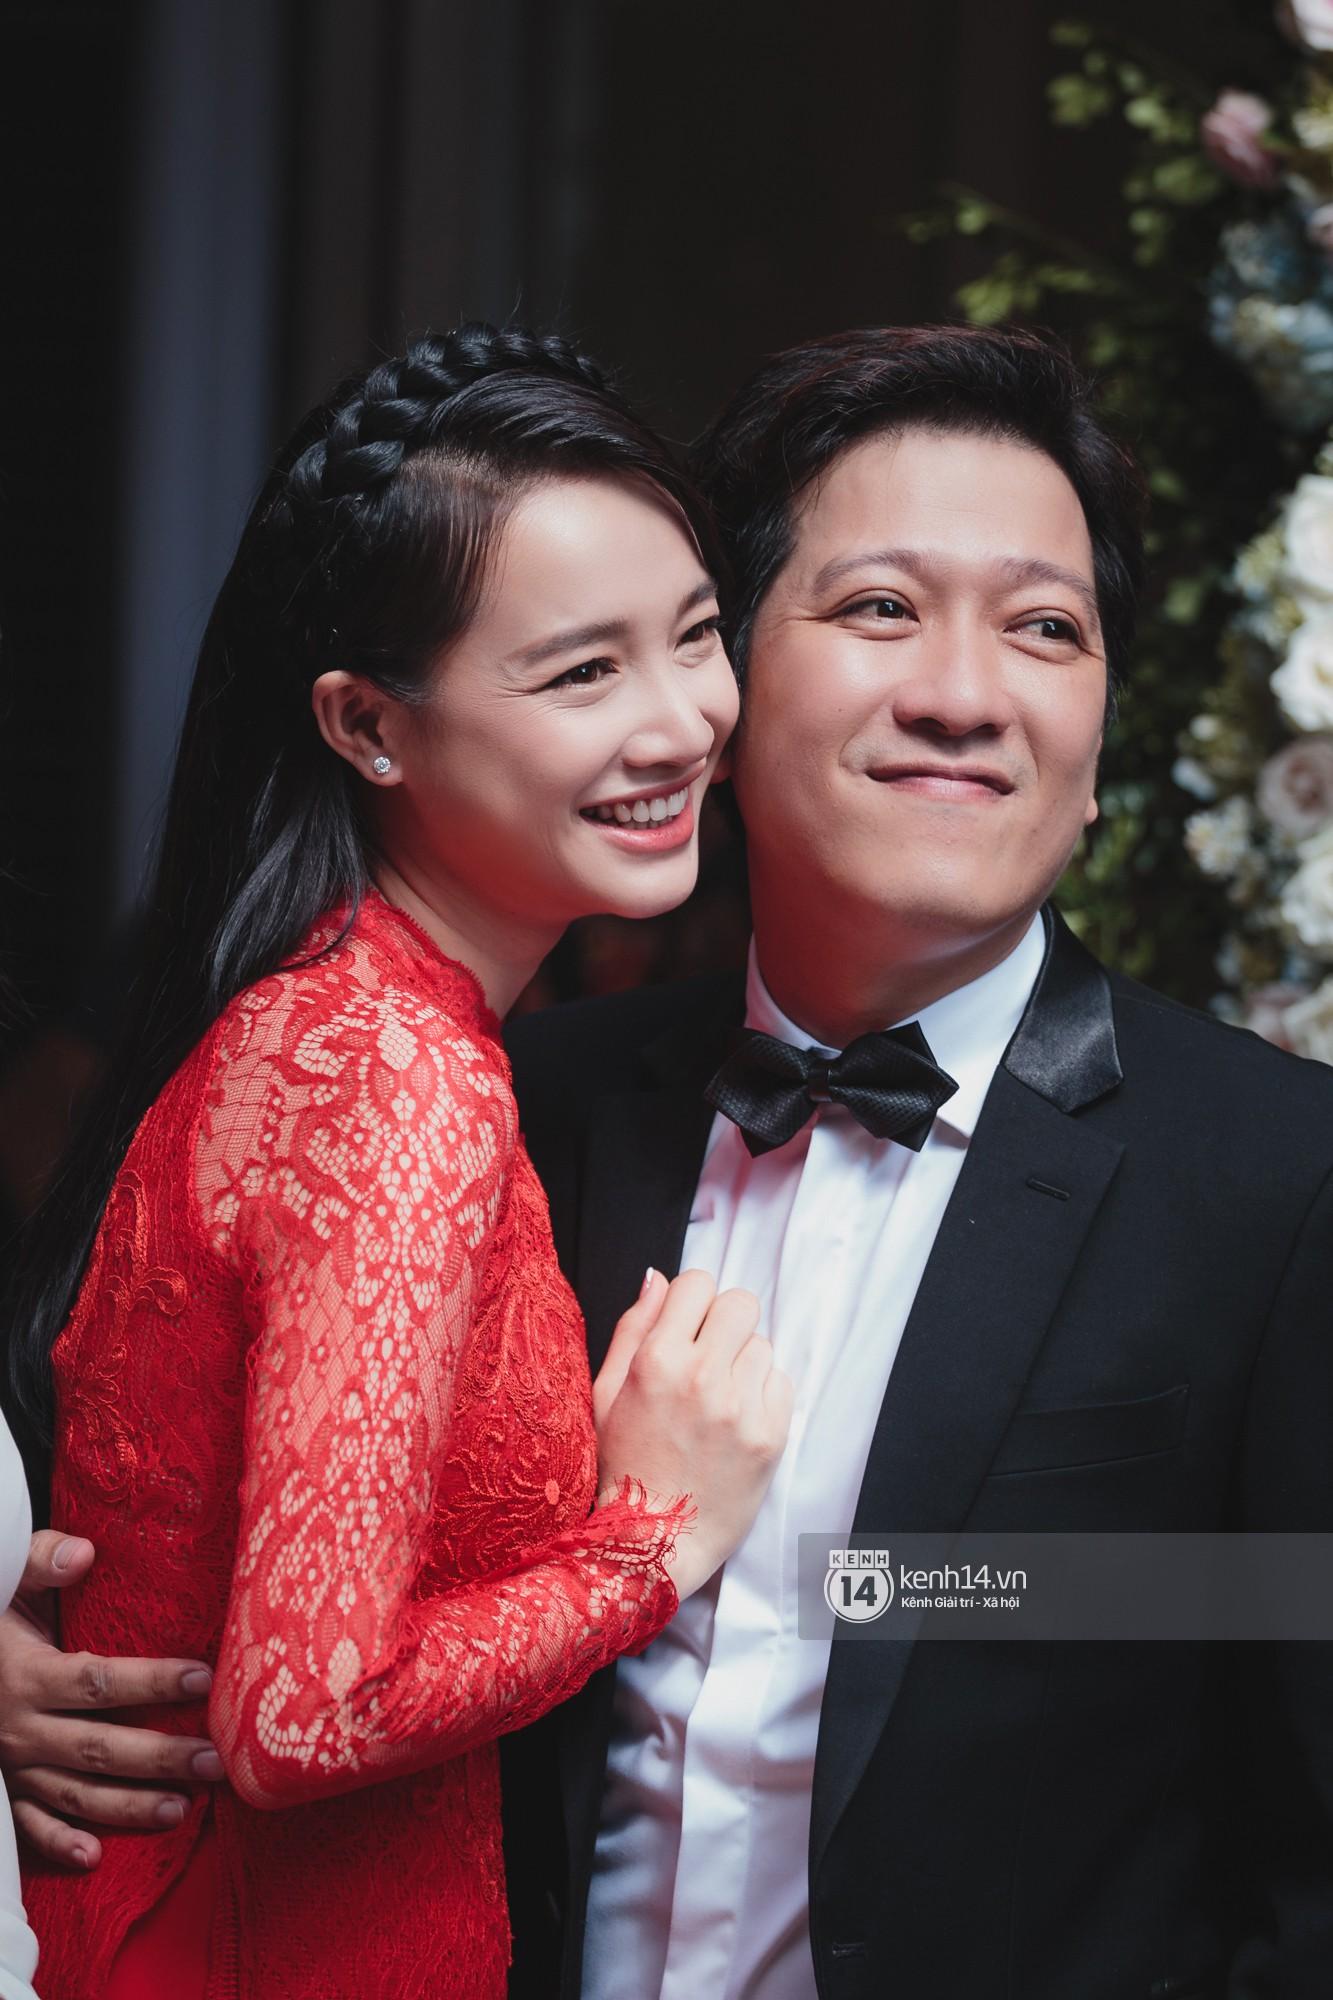 Đám cưới Trường Giang - Nhã Phương: Hàng ngàn hình ảnh ngọt ngào cũng không bằng loạt khoảnh khắc hạnh phúc đắt giá này-4